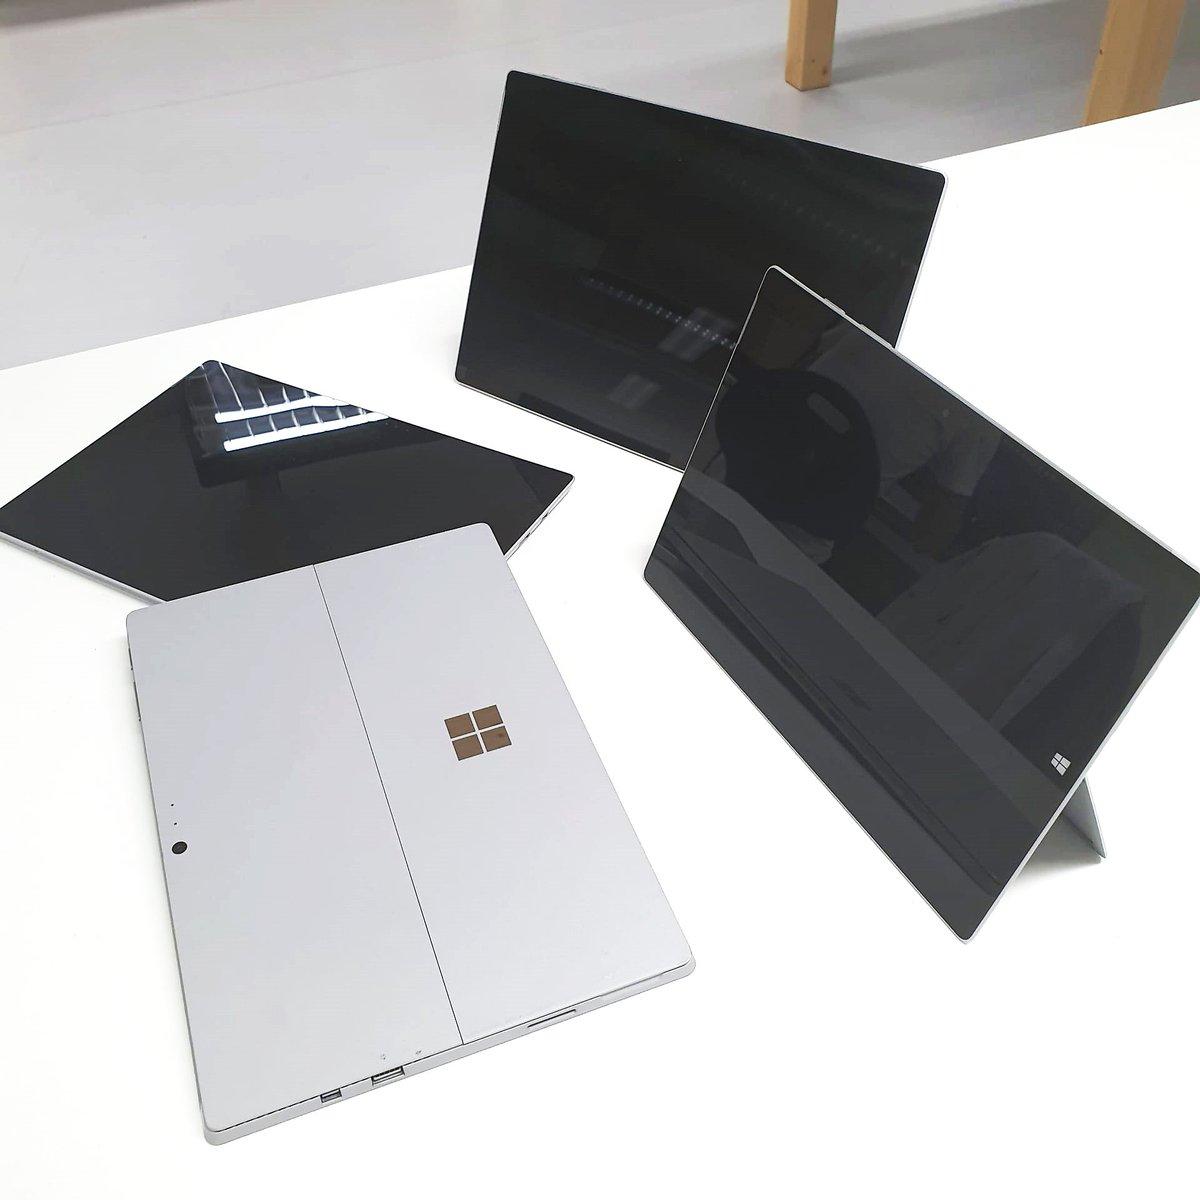 Possuímos 20 Técnicos especializados em reparação de Microsoft Surface. Precisas de um orçamento grátis?  http://www.ptelemoveis.pt | 244001251 | suporte@ptelemoveis.pt  #ptelemoveis #surface #microsoftrepair pic.twitter.com/LfZ3v8IrEc